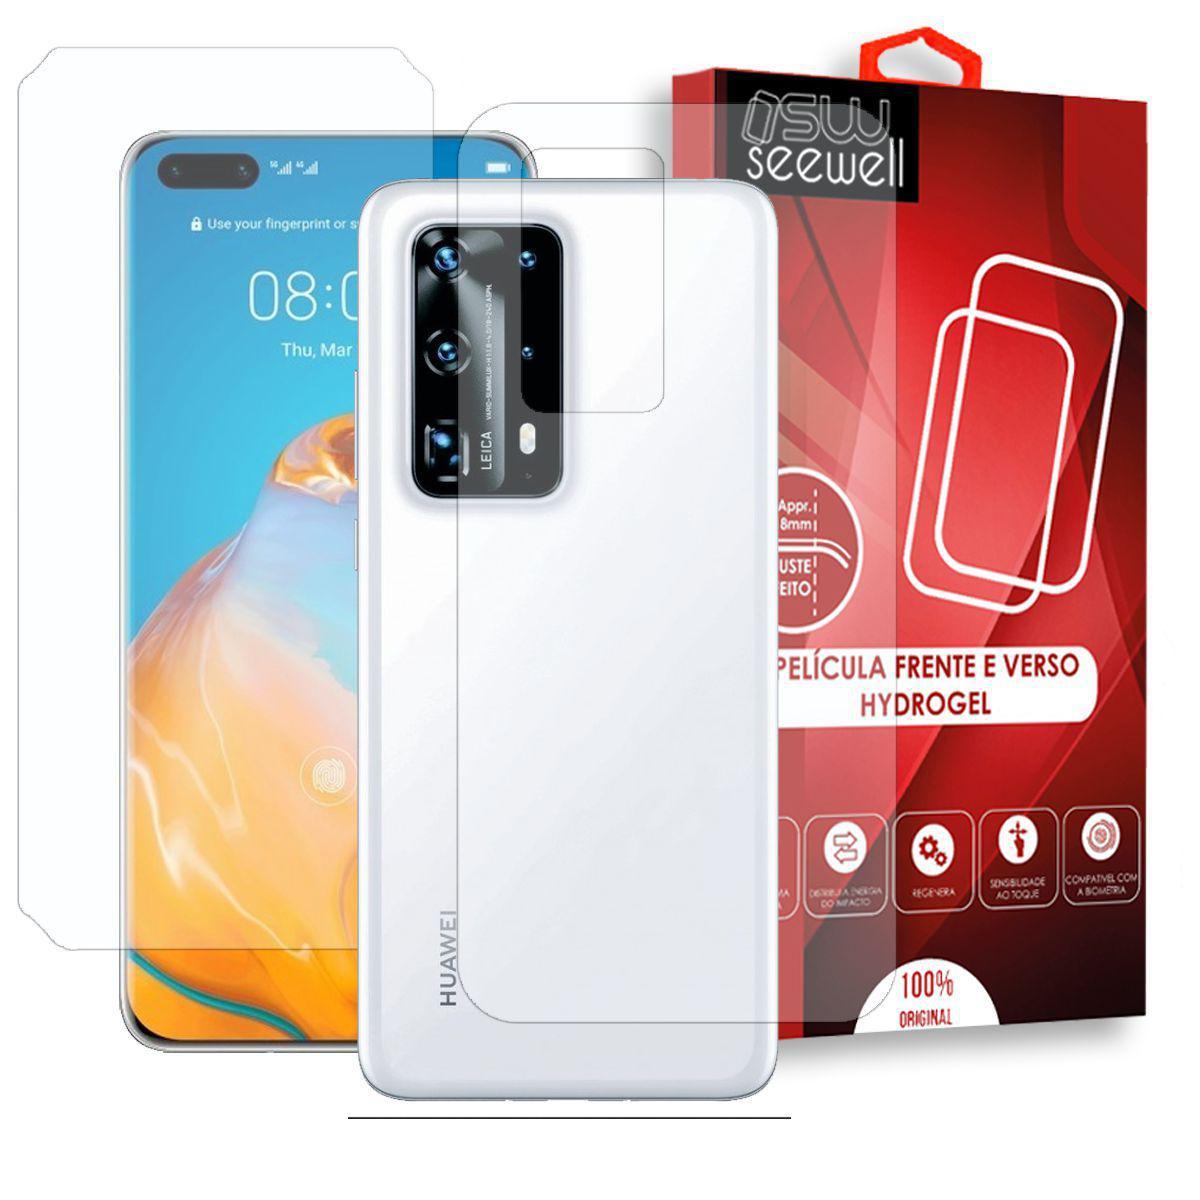 Pelicula Huawei P40 Pro Plus Hydrogel Hd Frente E Verso 100 Transparente Seewell Pelicula Para Celular Magazine Luiza